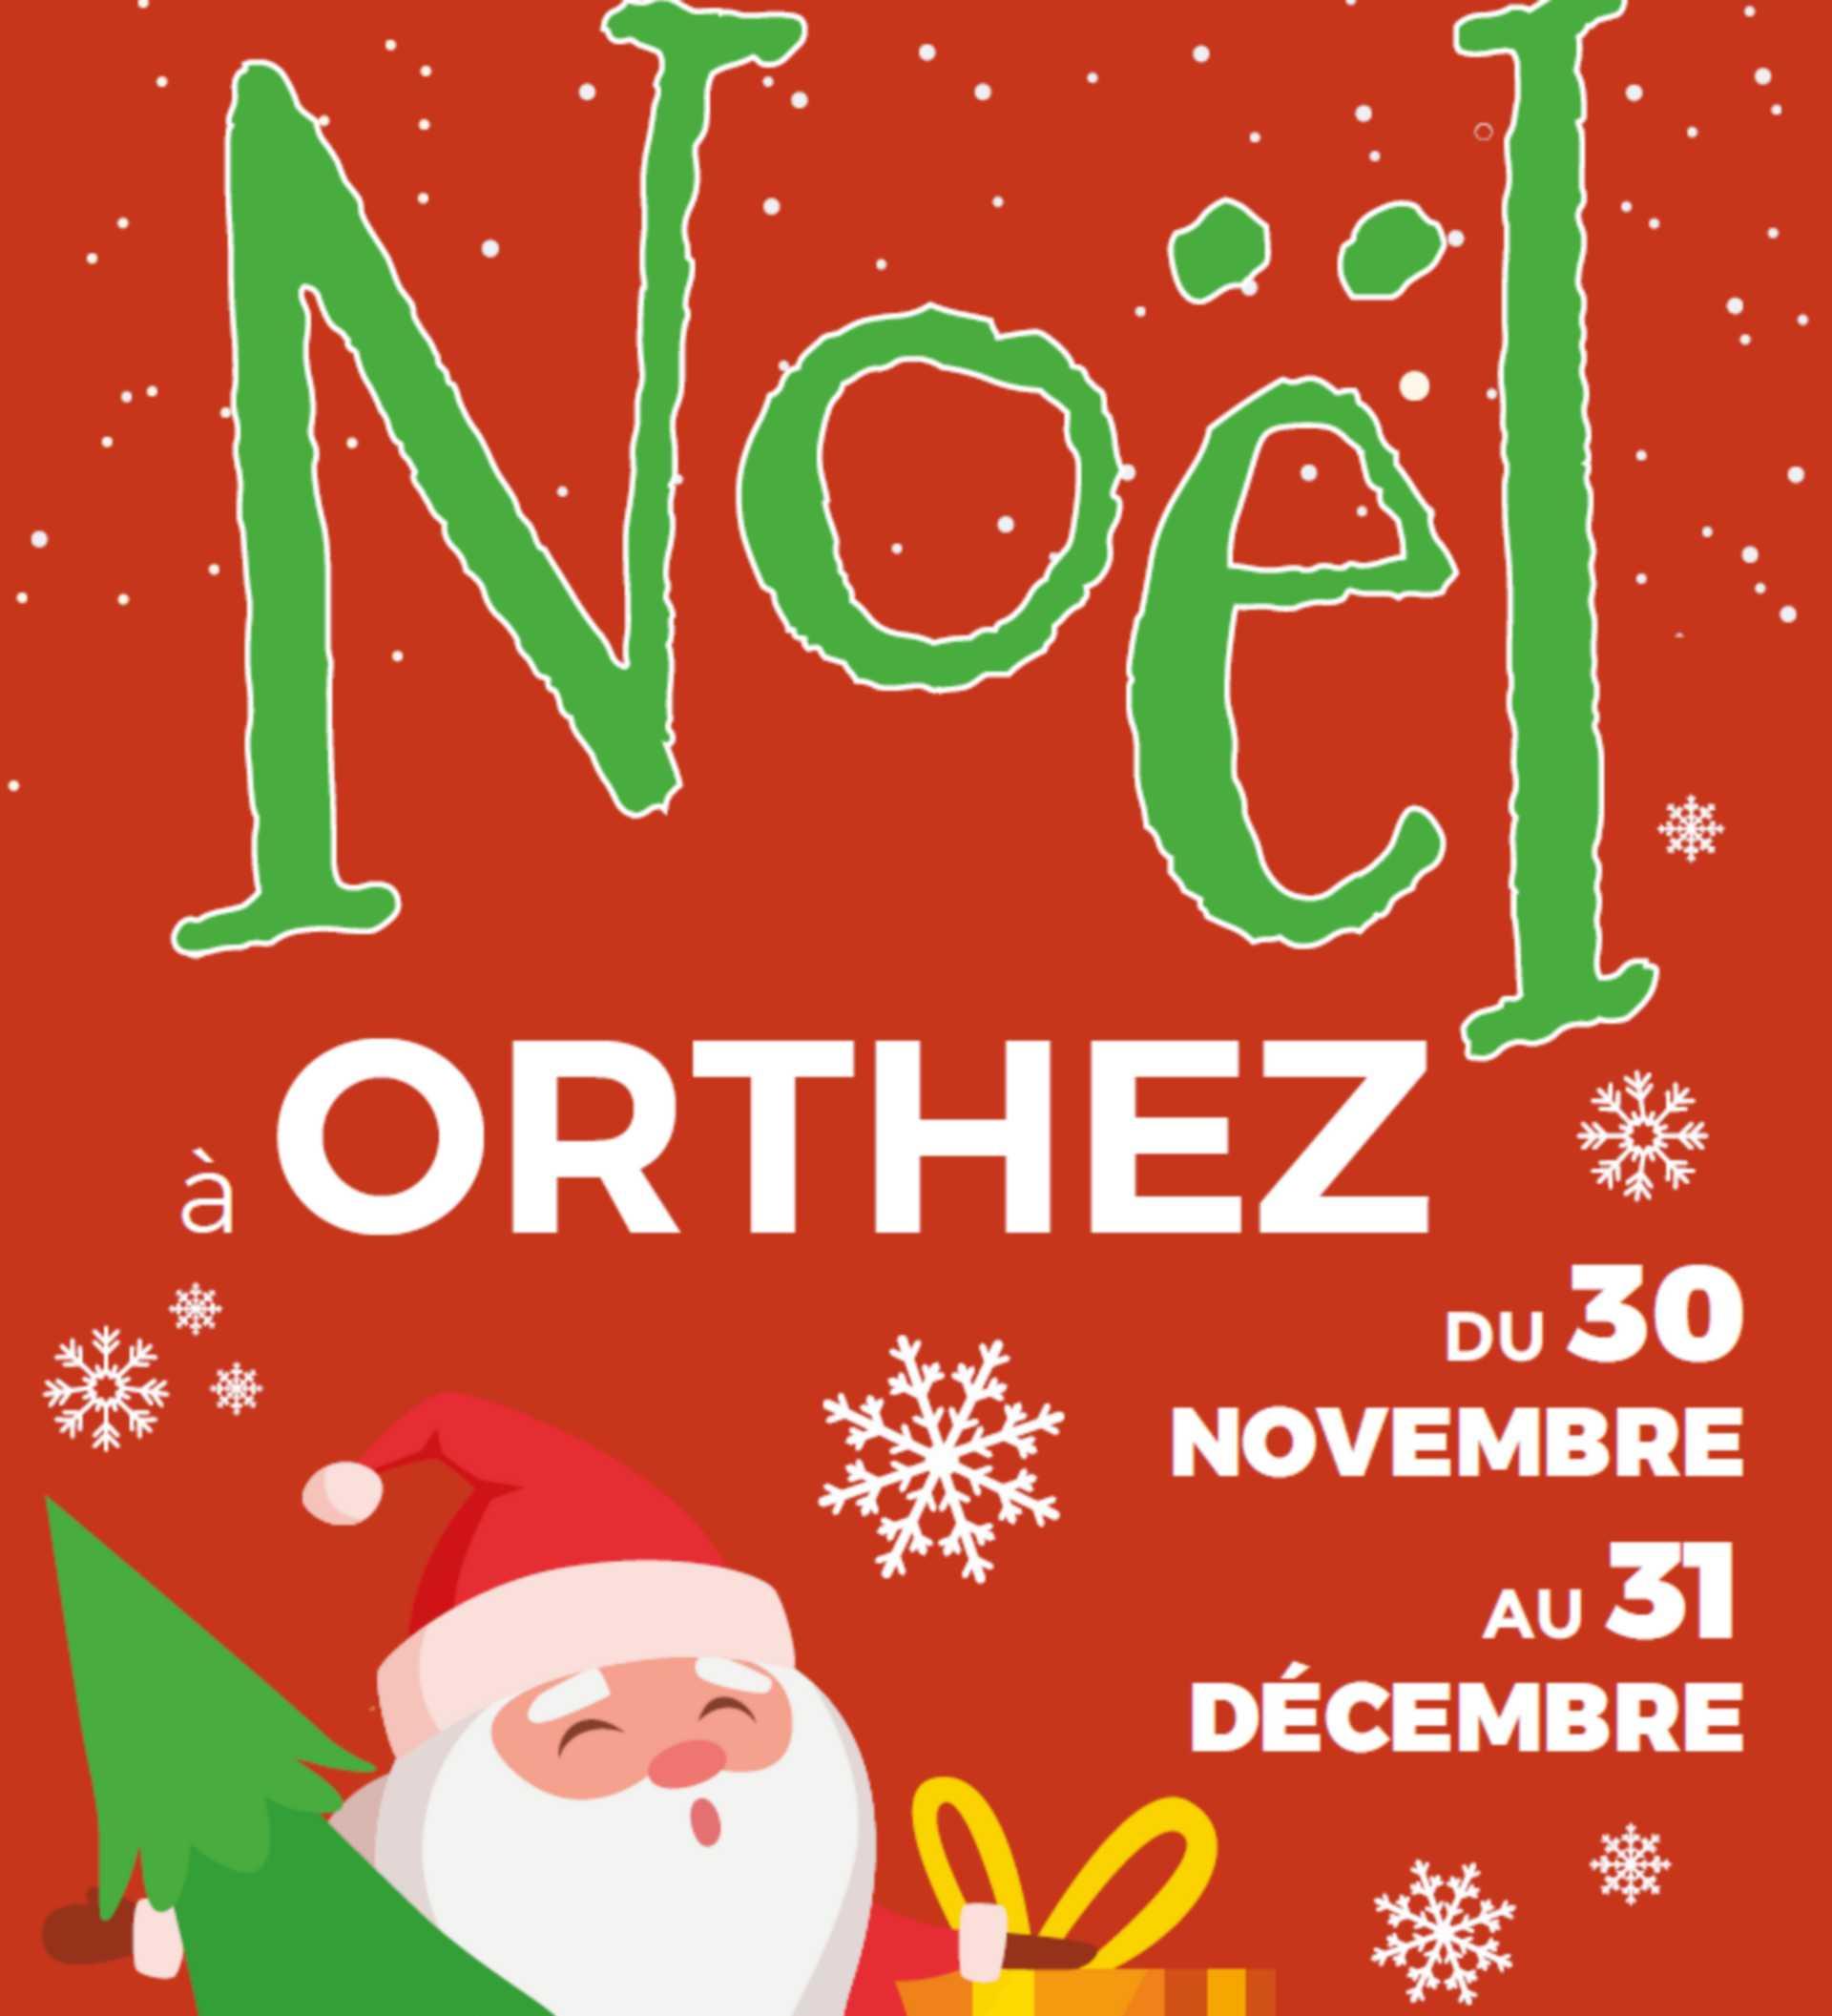 Spectacle : Les automates de Noël - ORTHEZ